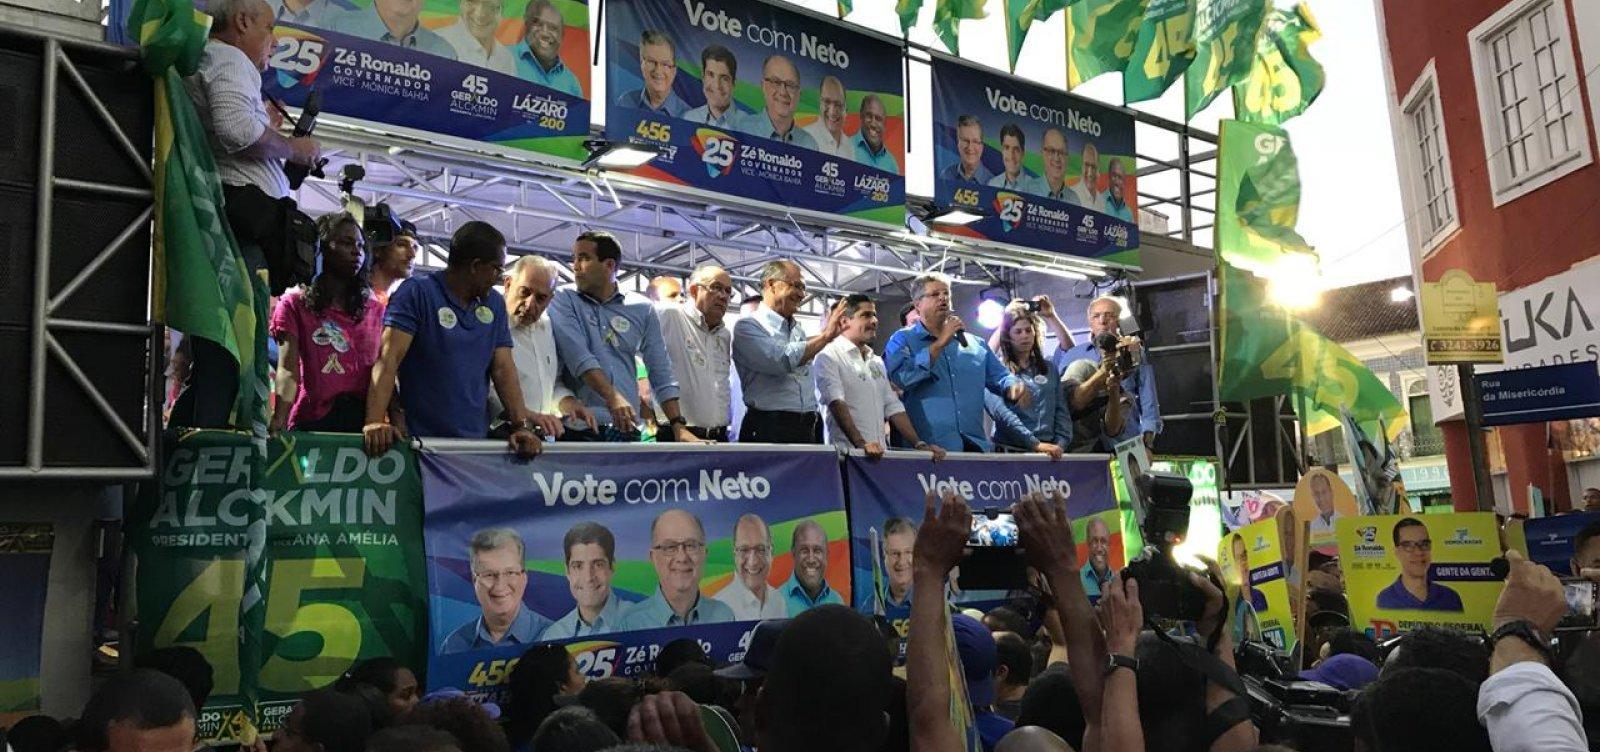 Mulher com pau de selfie causa mal-entendido durante comício de Alckmin em Salvador